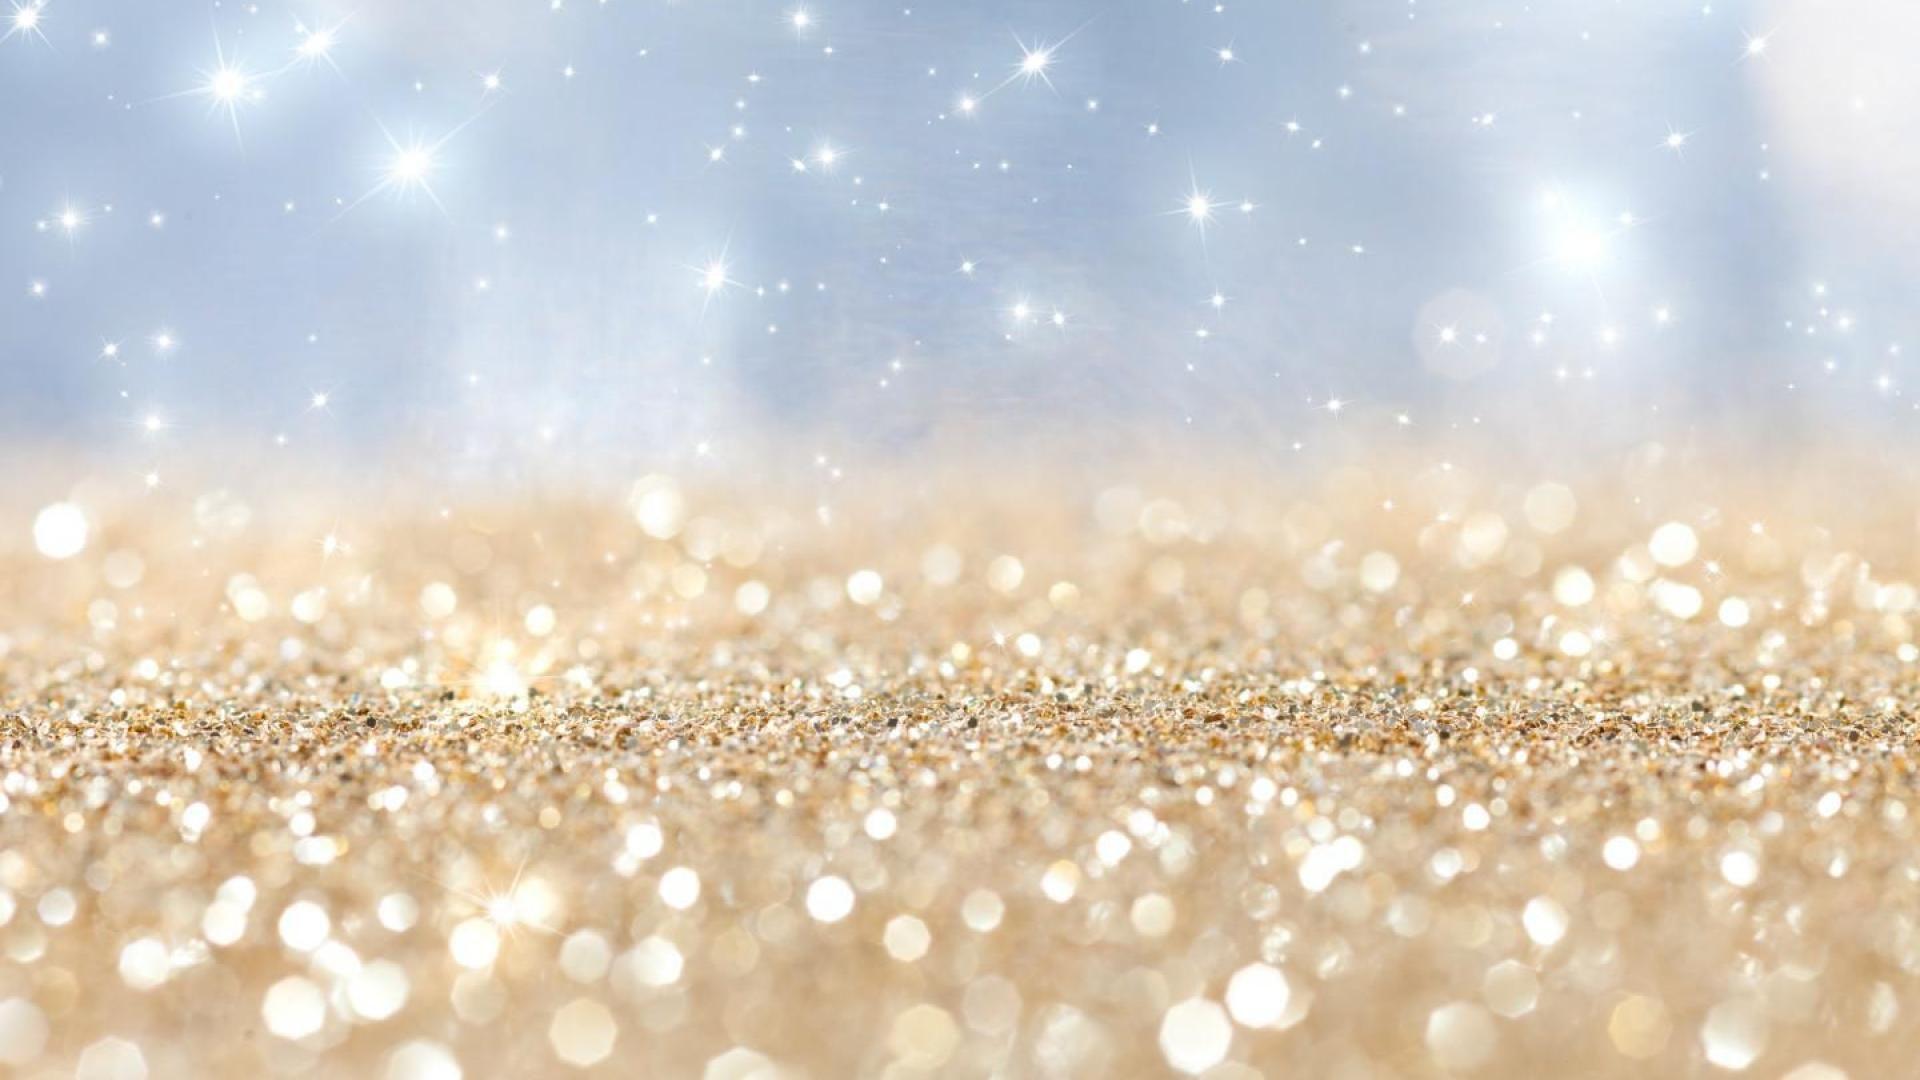 Glitter Wallpaper 07 1920x1080 768x432